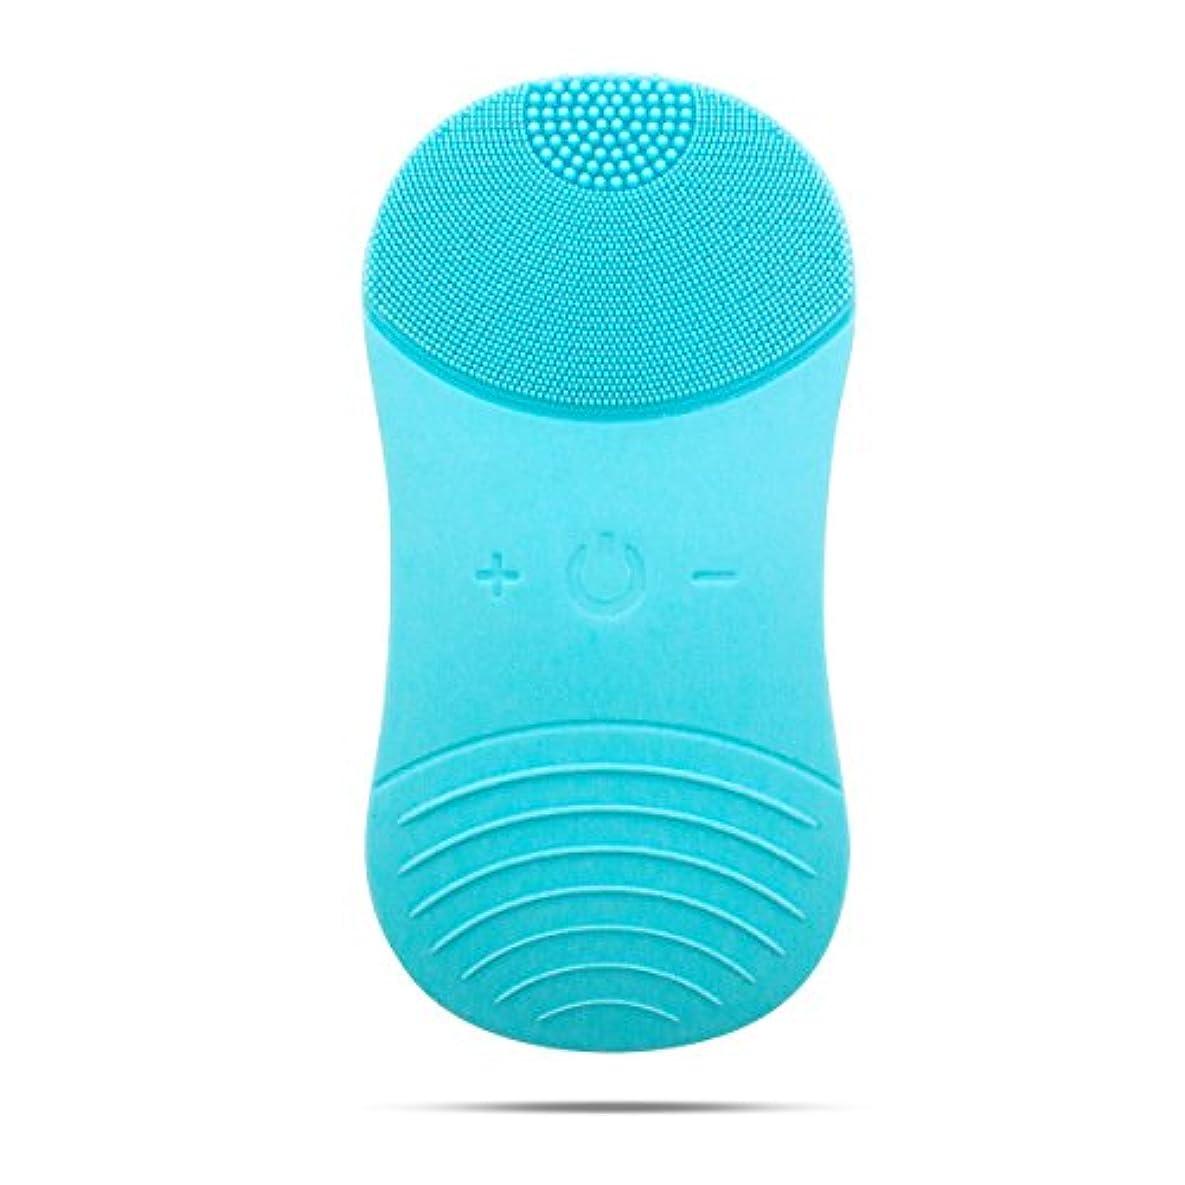 手錠扇動する反映するSIXPLUS 多機能洗顔器 洗顔ブラシ 超音波振動 美肌ライト機能 IPX7防水 (ブルー)